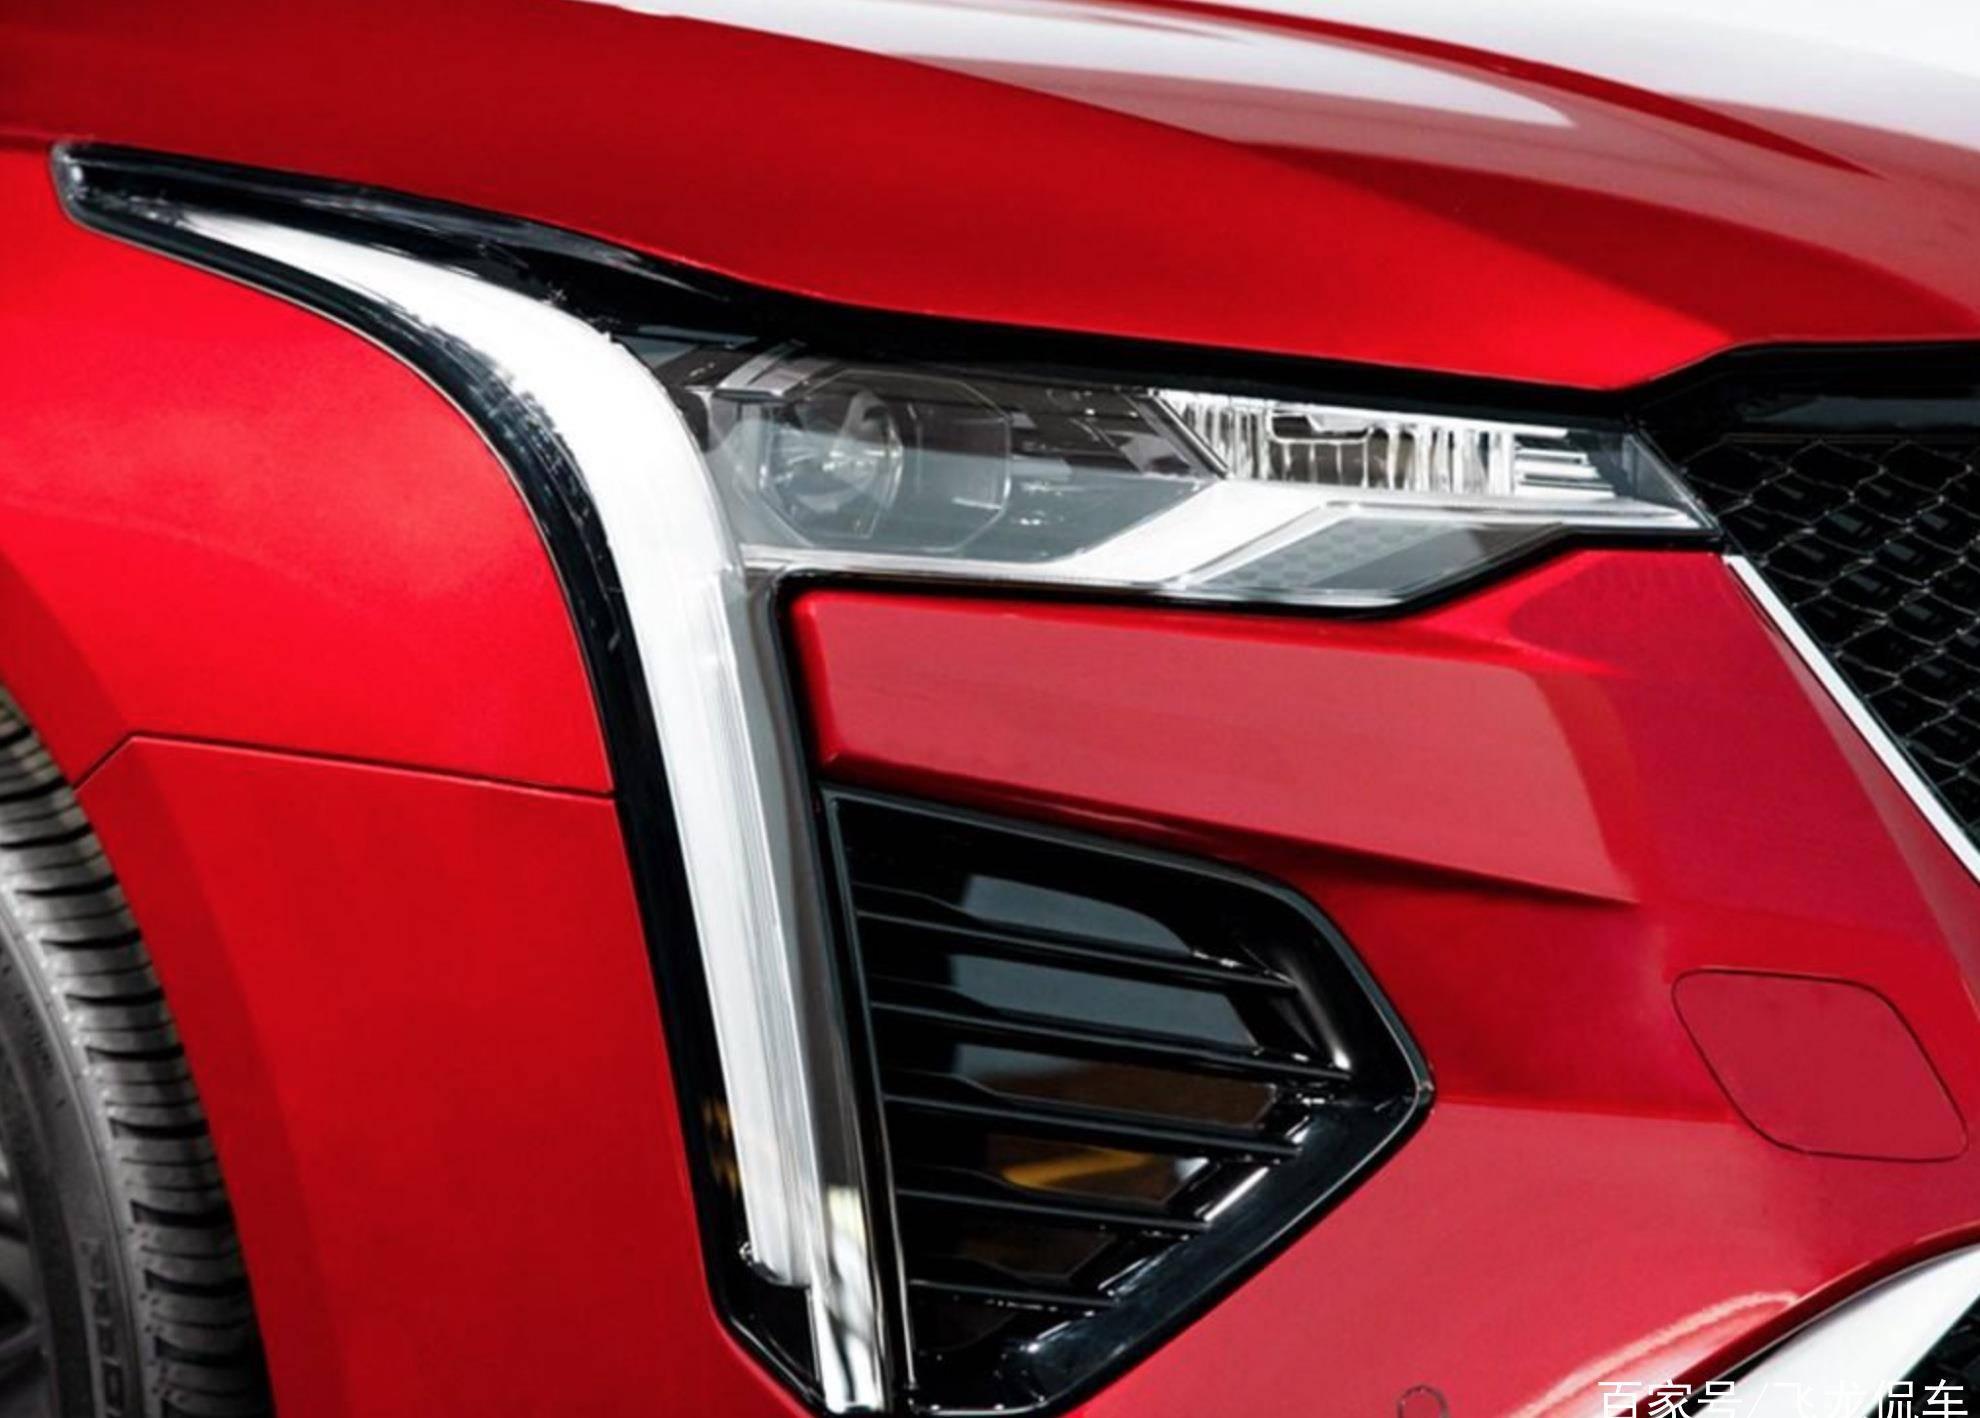 另一款原型车撞了,双层隔音玻璃8AT四轮驱动,油耗7.2L,价格合适火